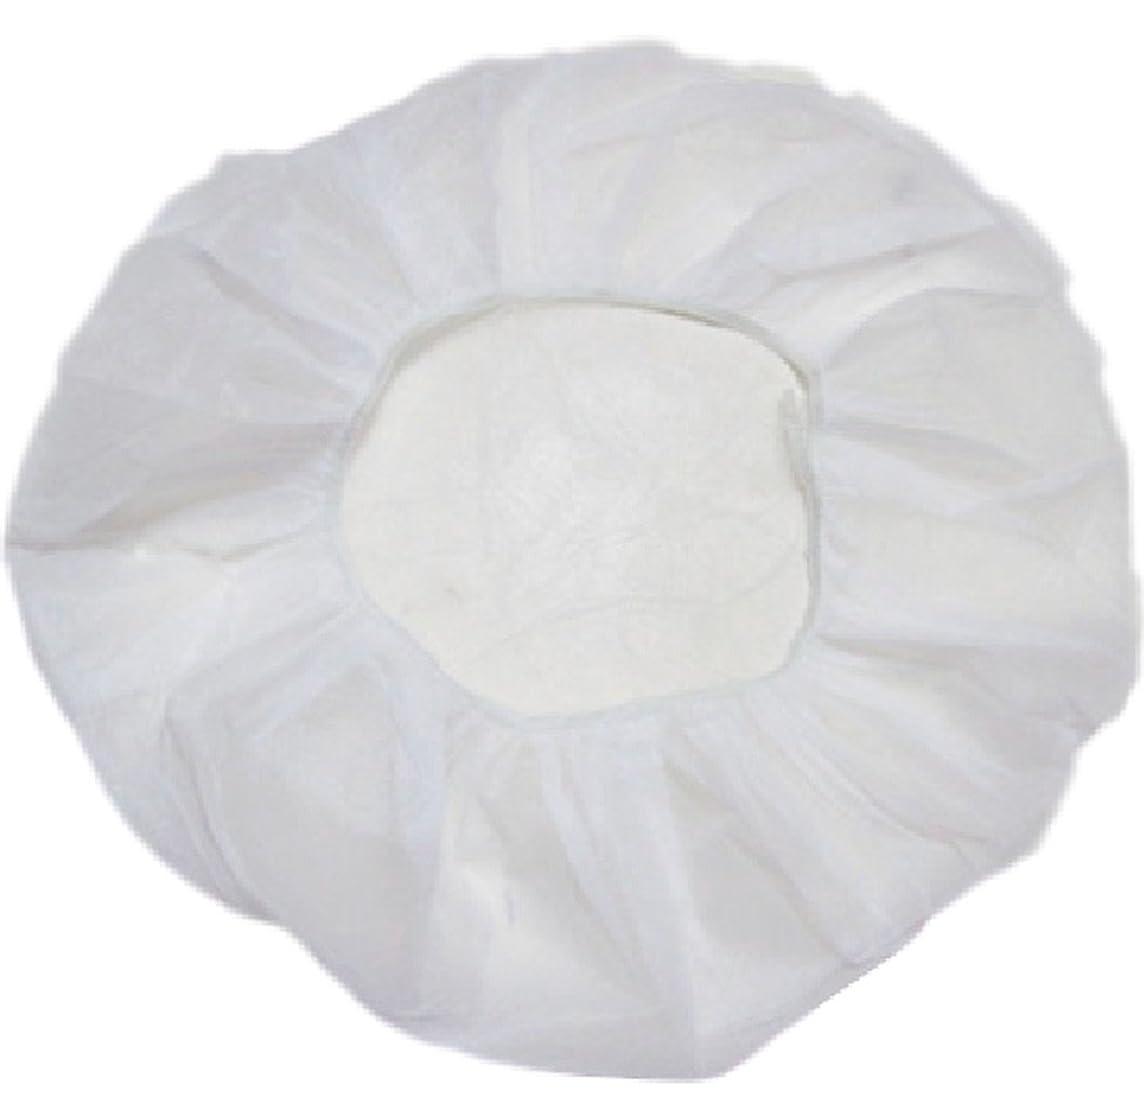 旅行巨大な顕著業務用 不織布 ヘアキャップ 使い捨て 衛生 食品 加工 工場 大きめ (100個, 白)